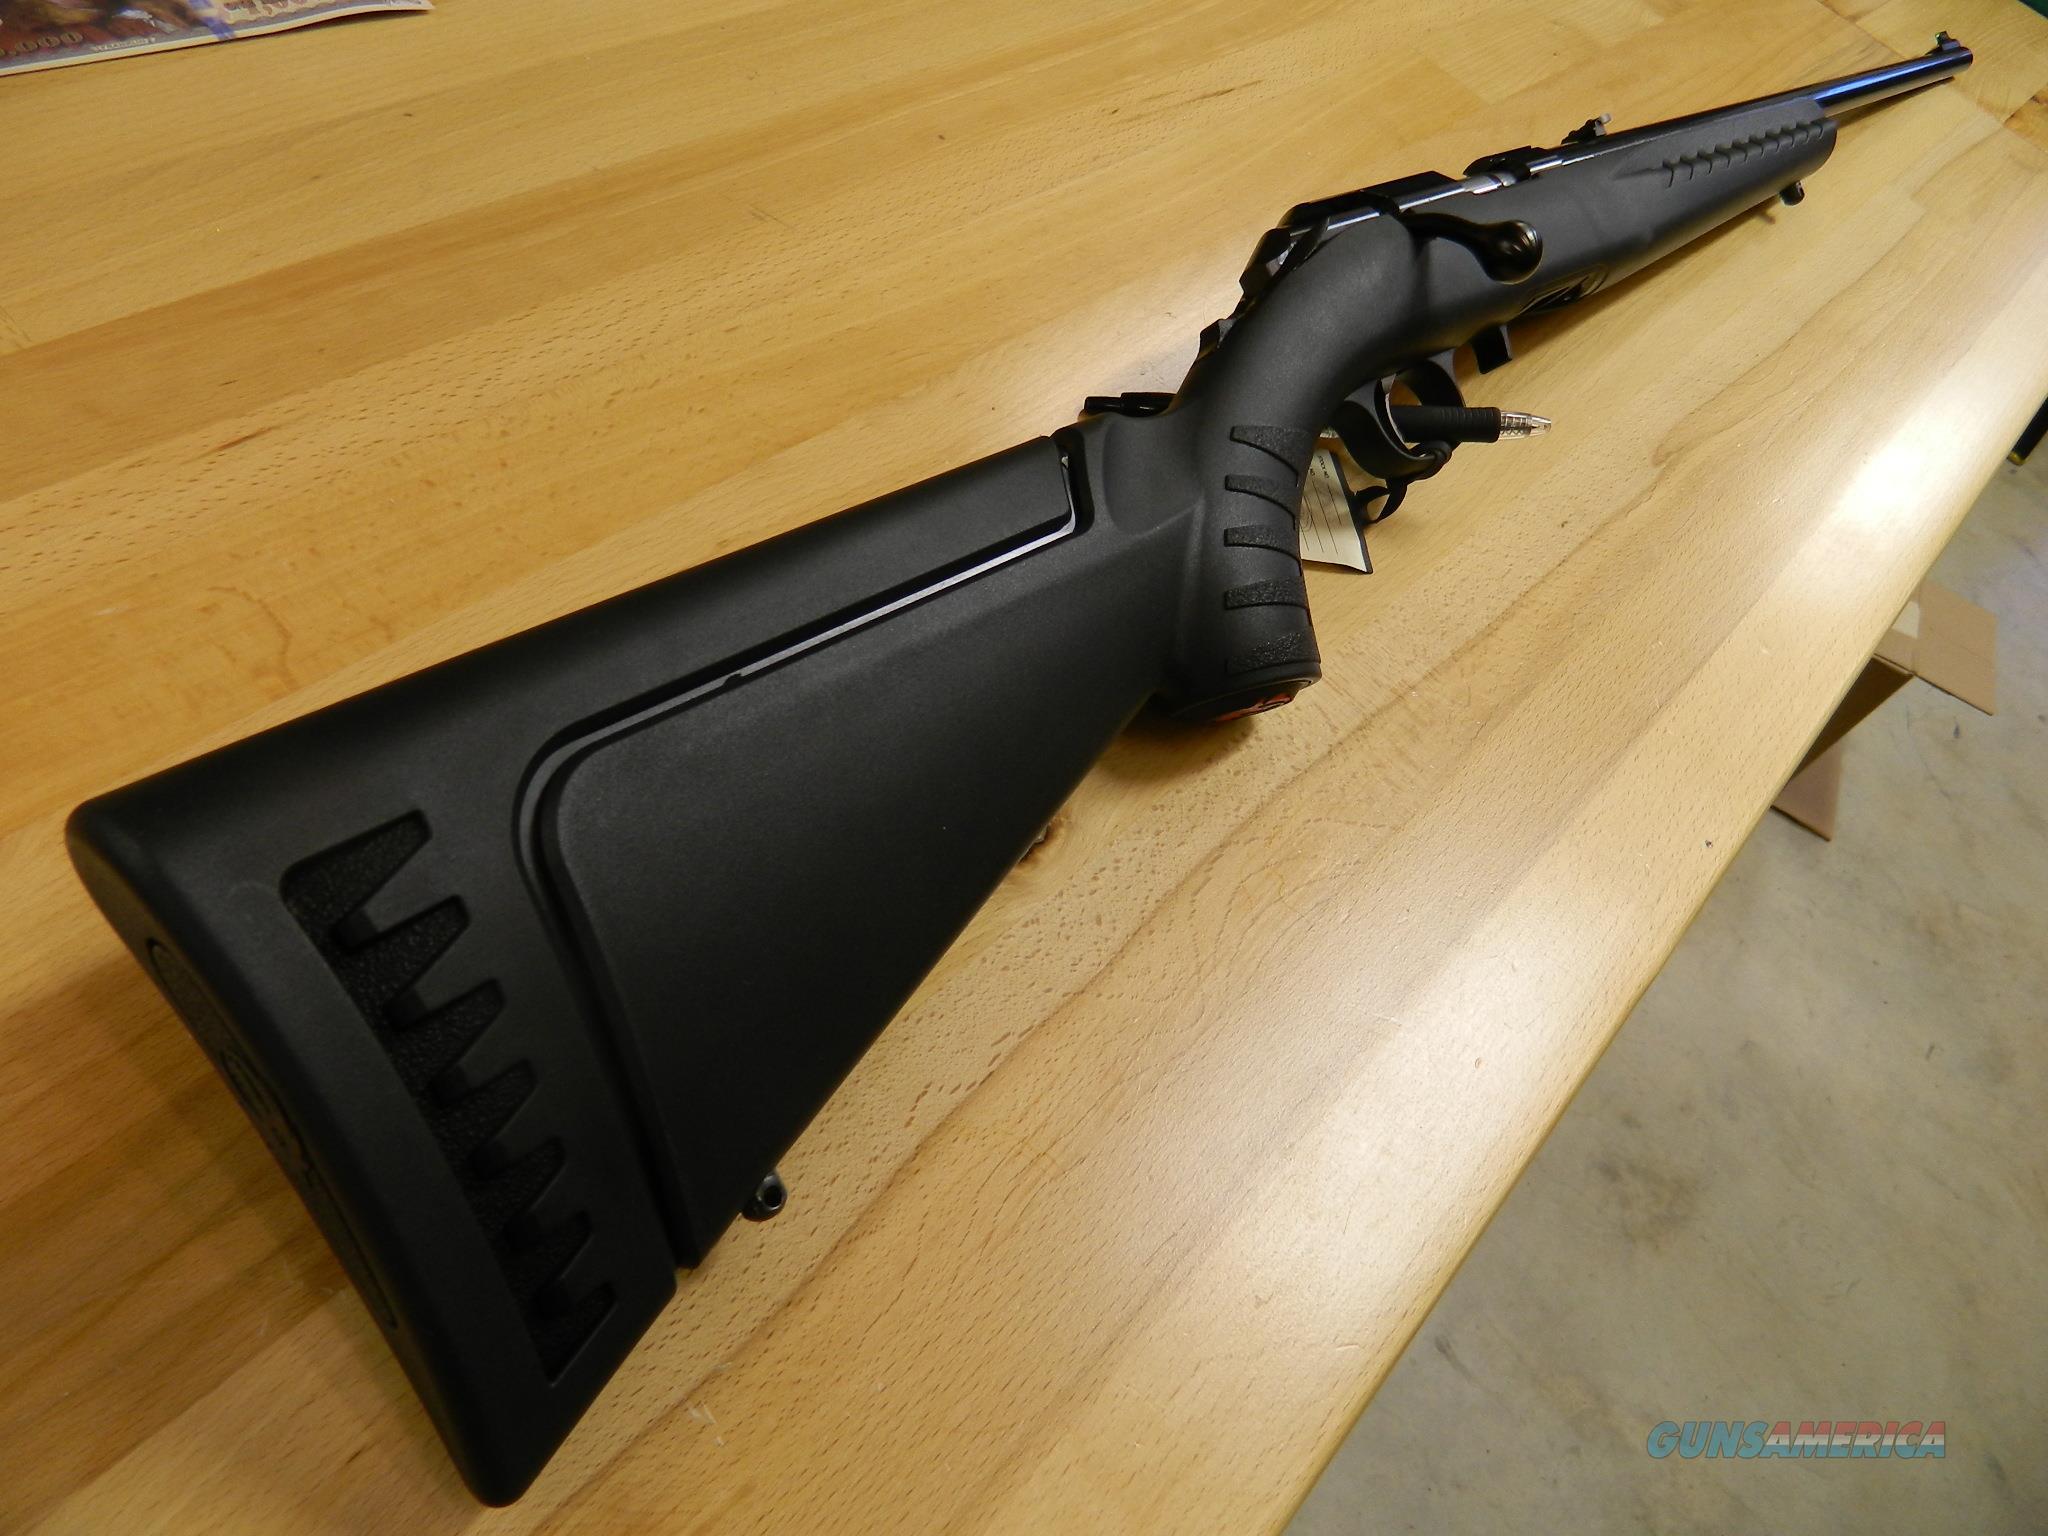 Ruger American .22 LR   NIB 22 inch barrel  Guns > Rifles > Ruger Rifles > American Rifle